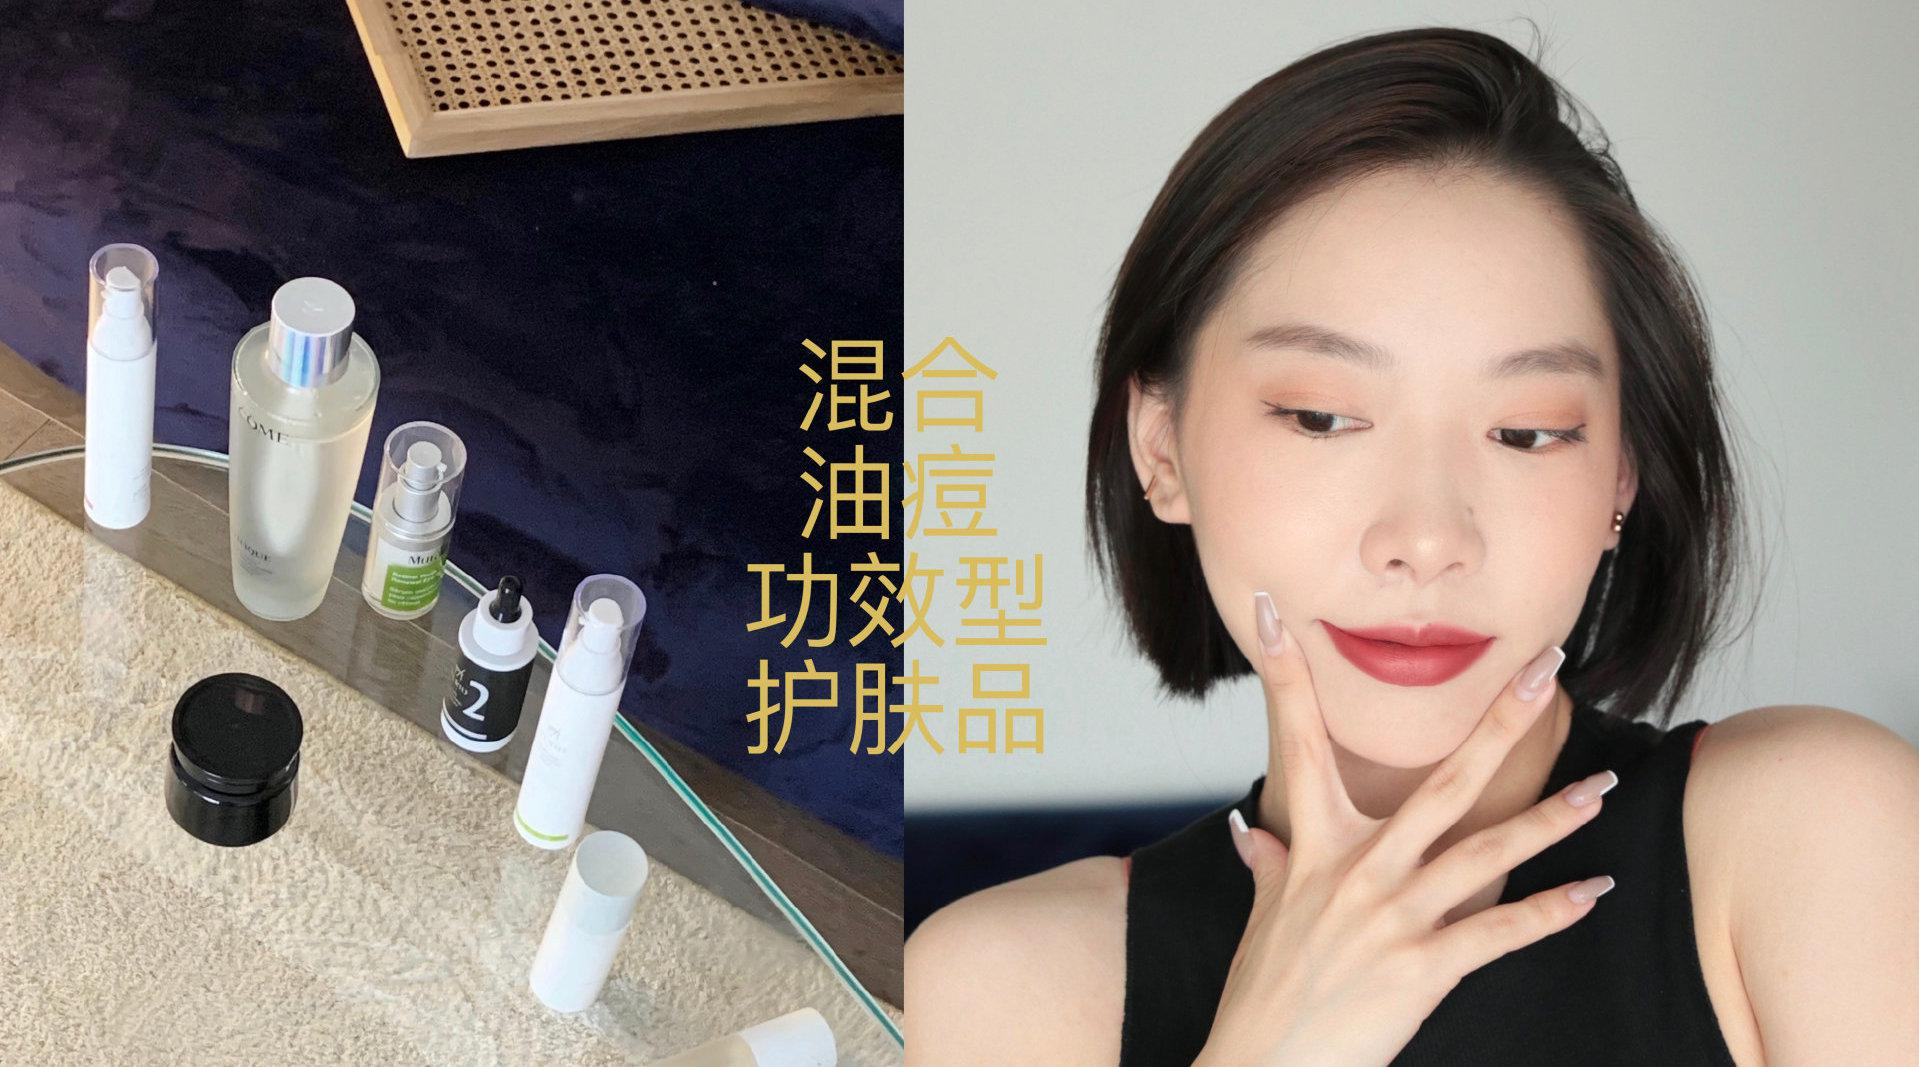 混油皮、油痘皮|功效性护肤品爱用推荐